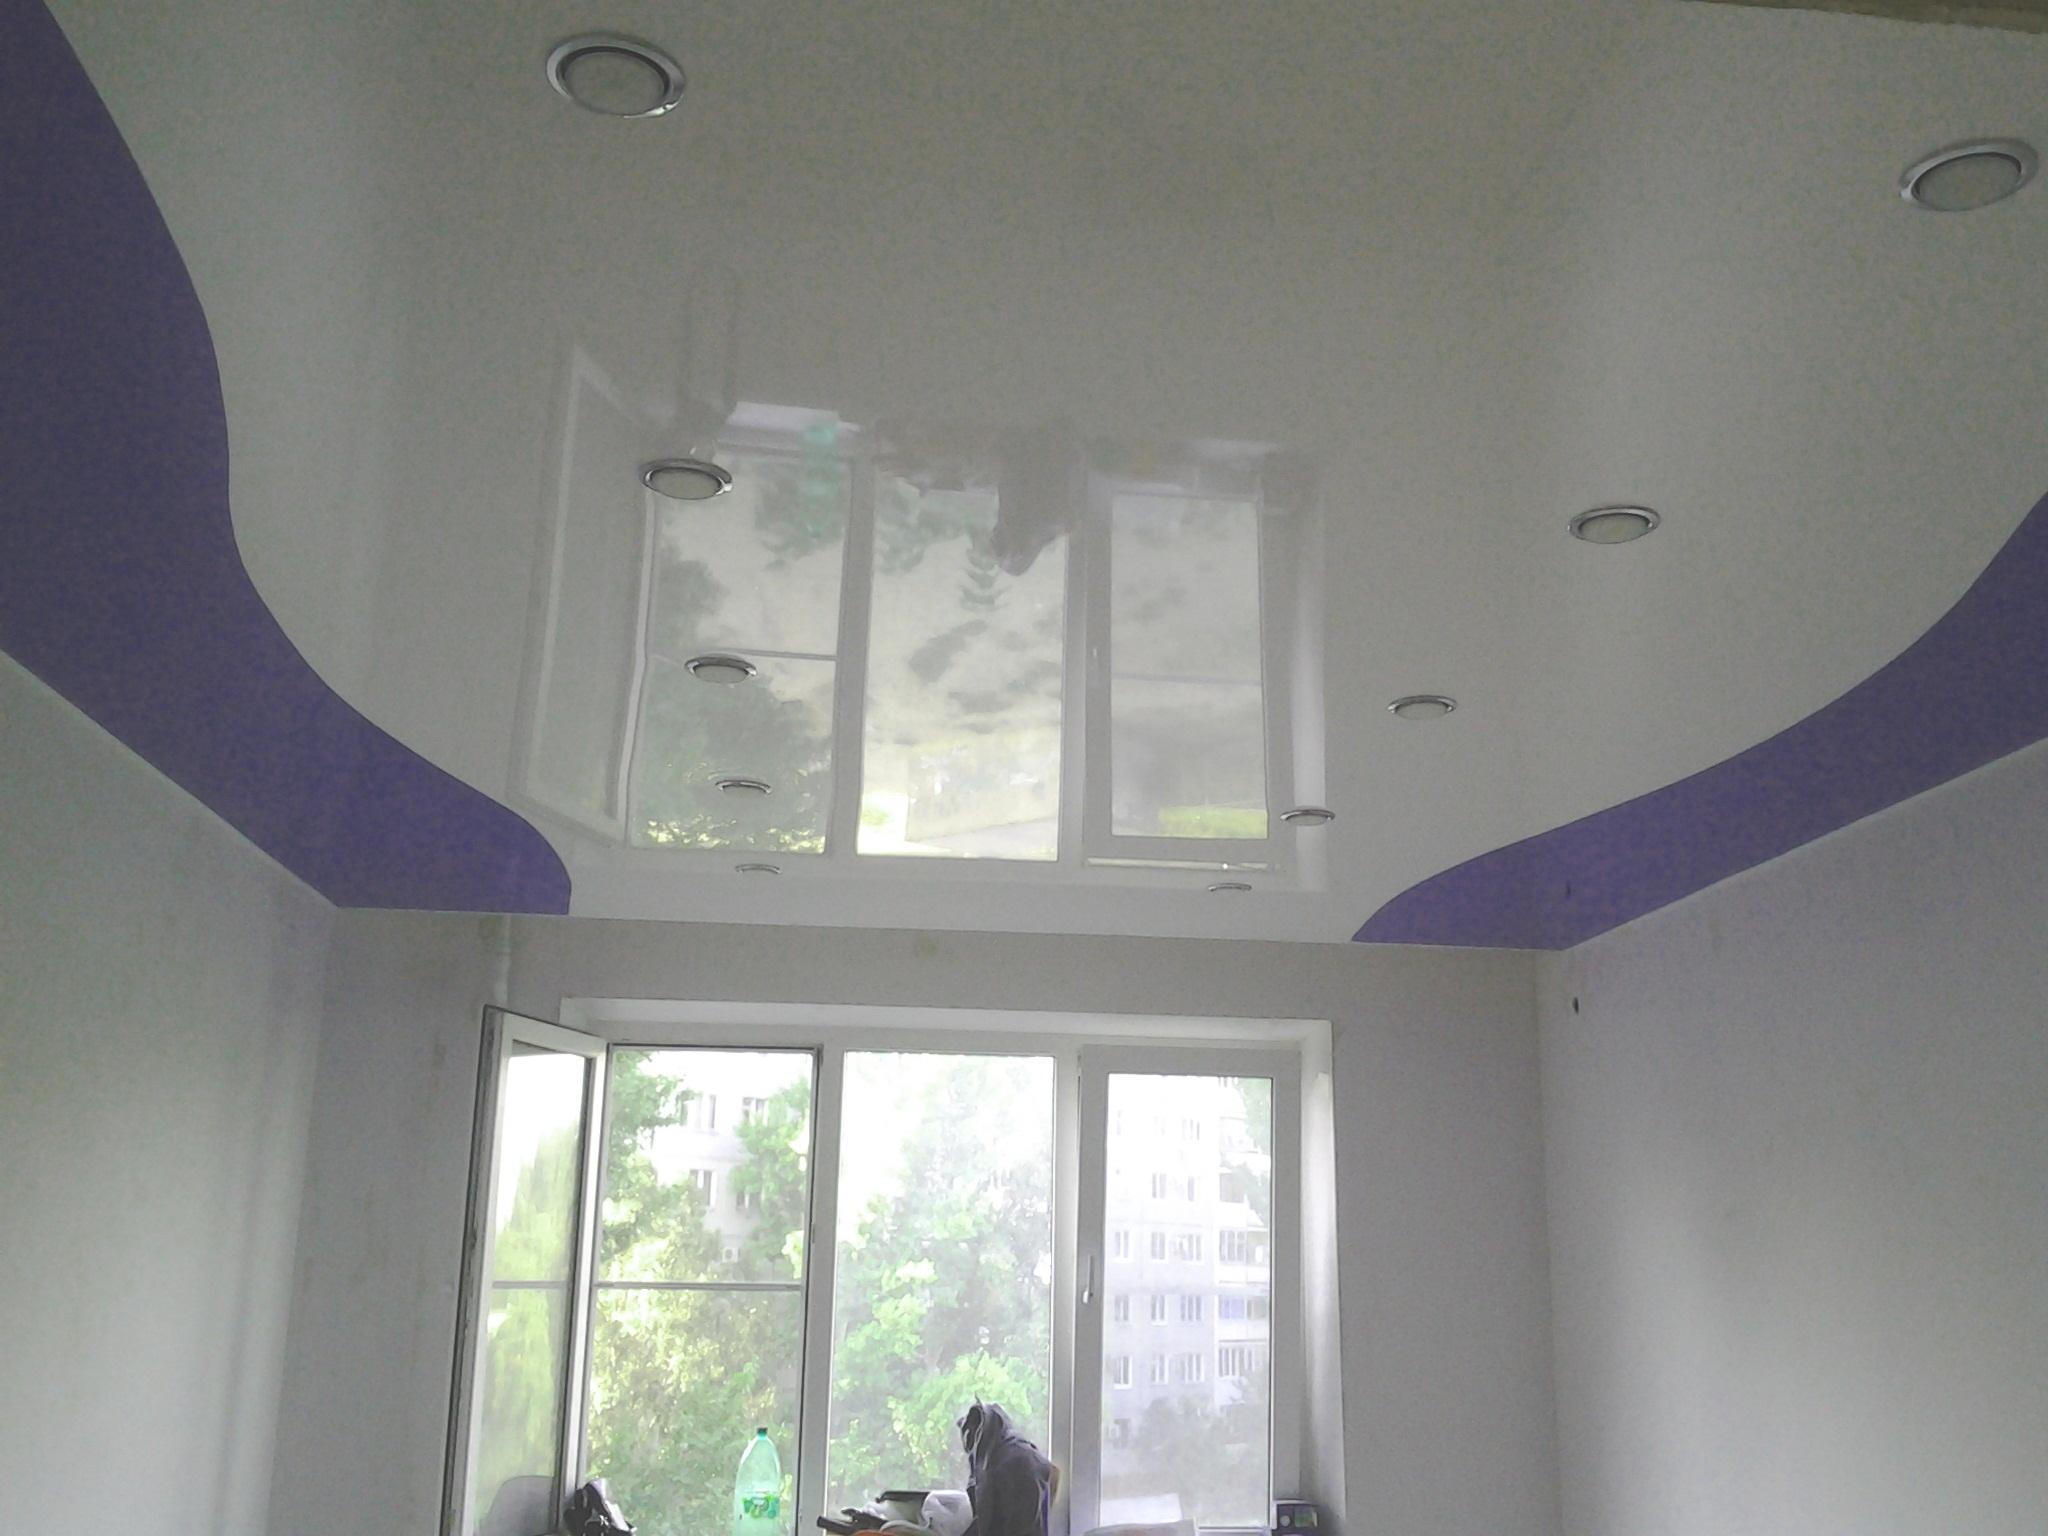 Криволинейный потолок в сочетании матового цветного полотна с белым глянцем и установкой точечных светильников